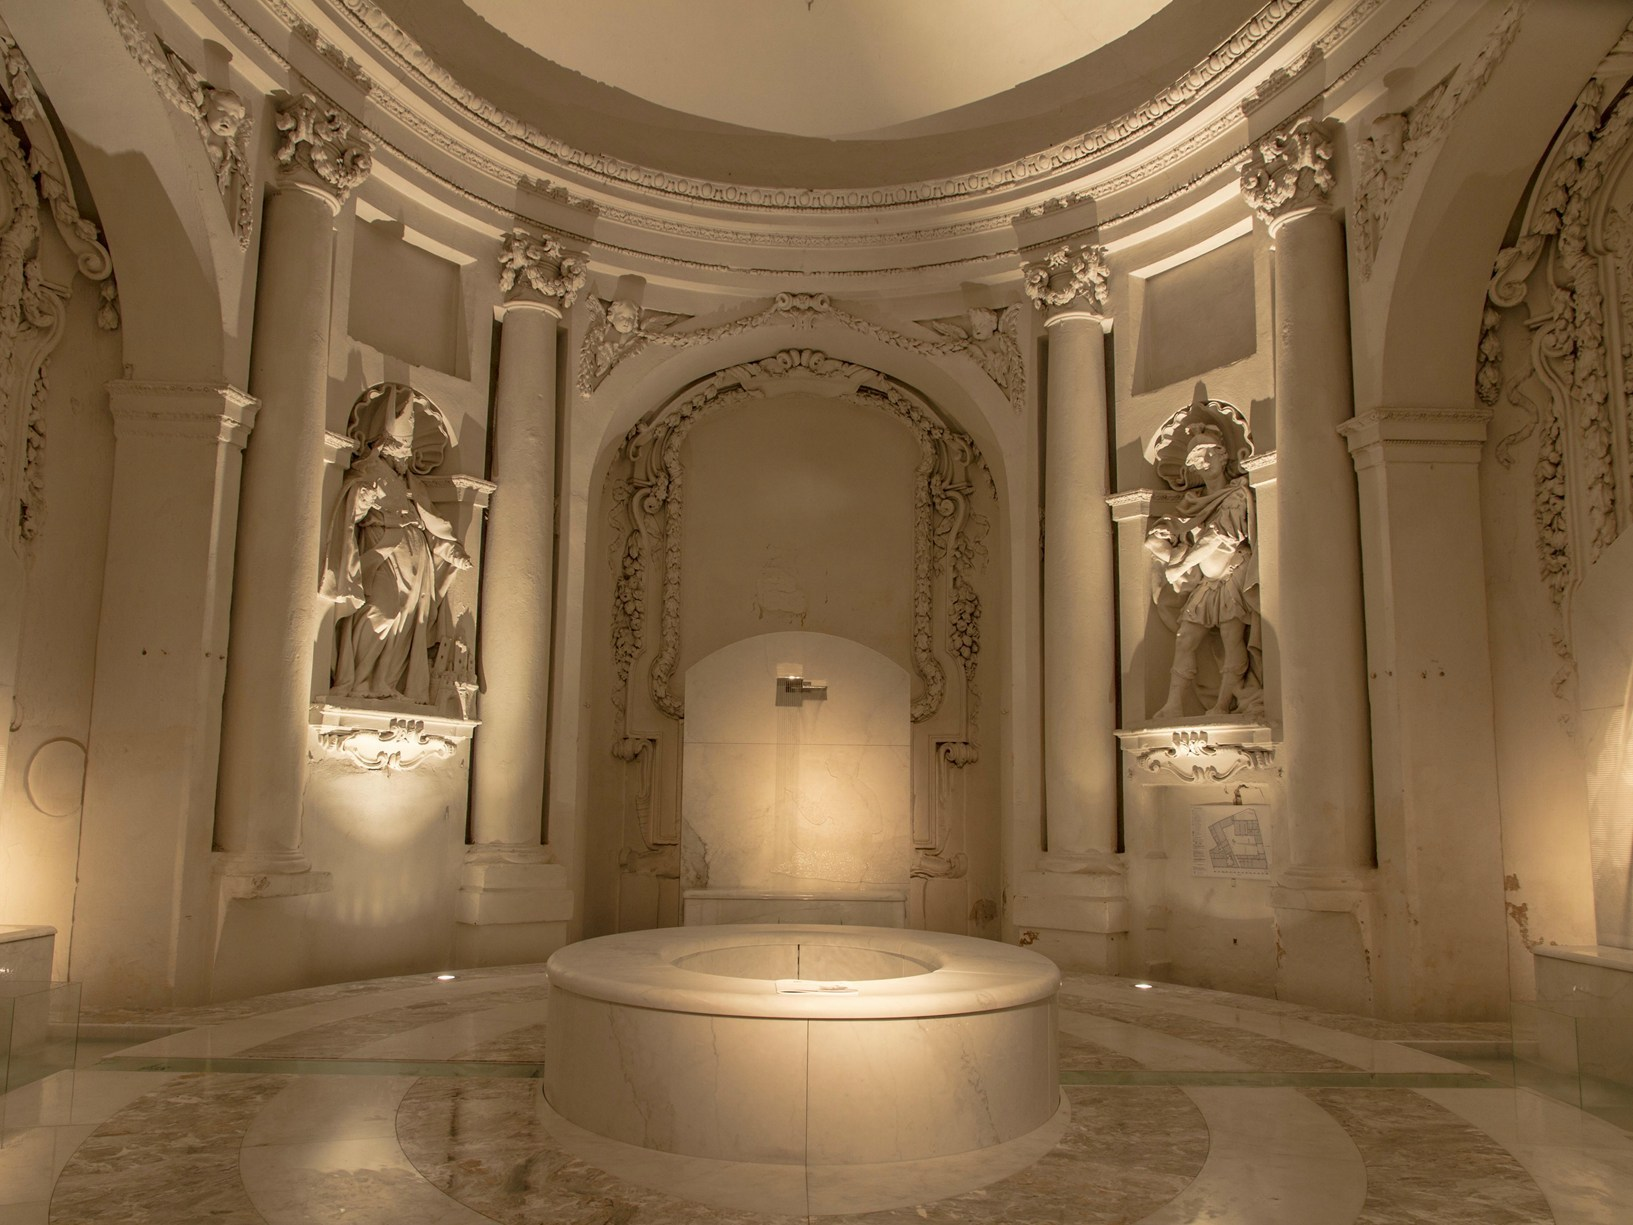 39 il bagno immaginato 39 il fascino del marmo henraux a bwd 2013 - Bagno in marmo costo ...